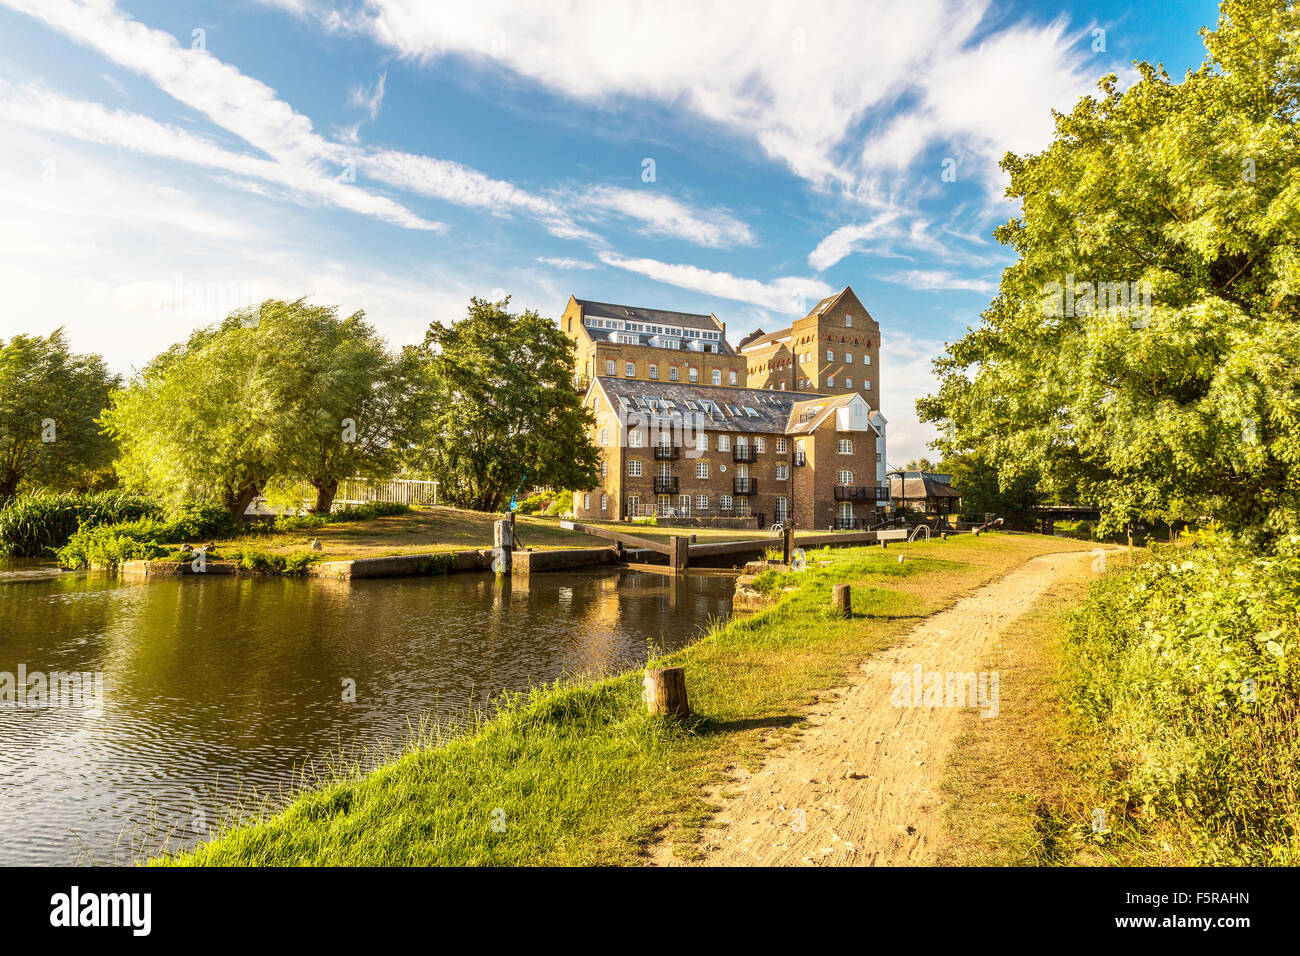 Steuermänner Mühle und Schloss am Fluss Wey Navigation, Addlestone, Surrey, England, Vereinigtes Königreich Stockbild